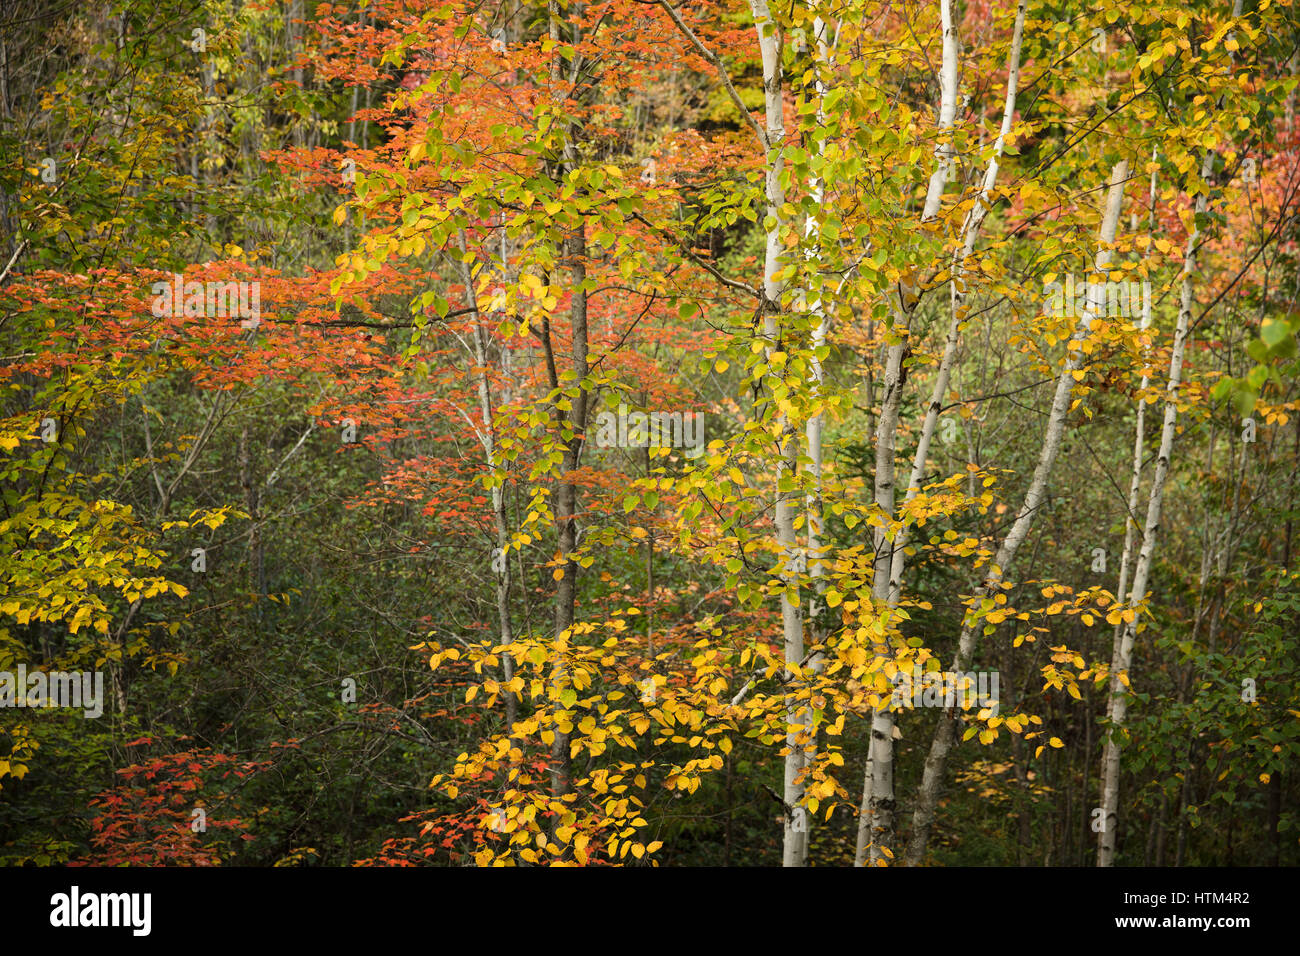 Herbstfärbung Farbsäume Charlton See, Nr. Felchen fällt, Bezirk von Sudbury, Ontario, Kanada Stockfoto